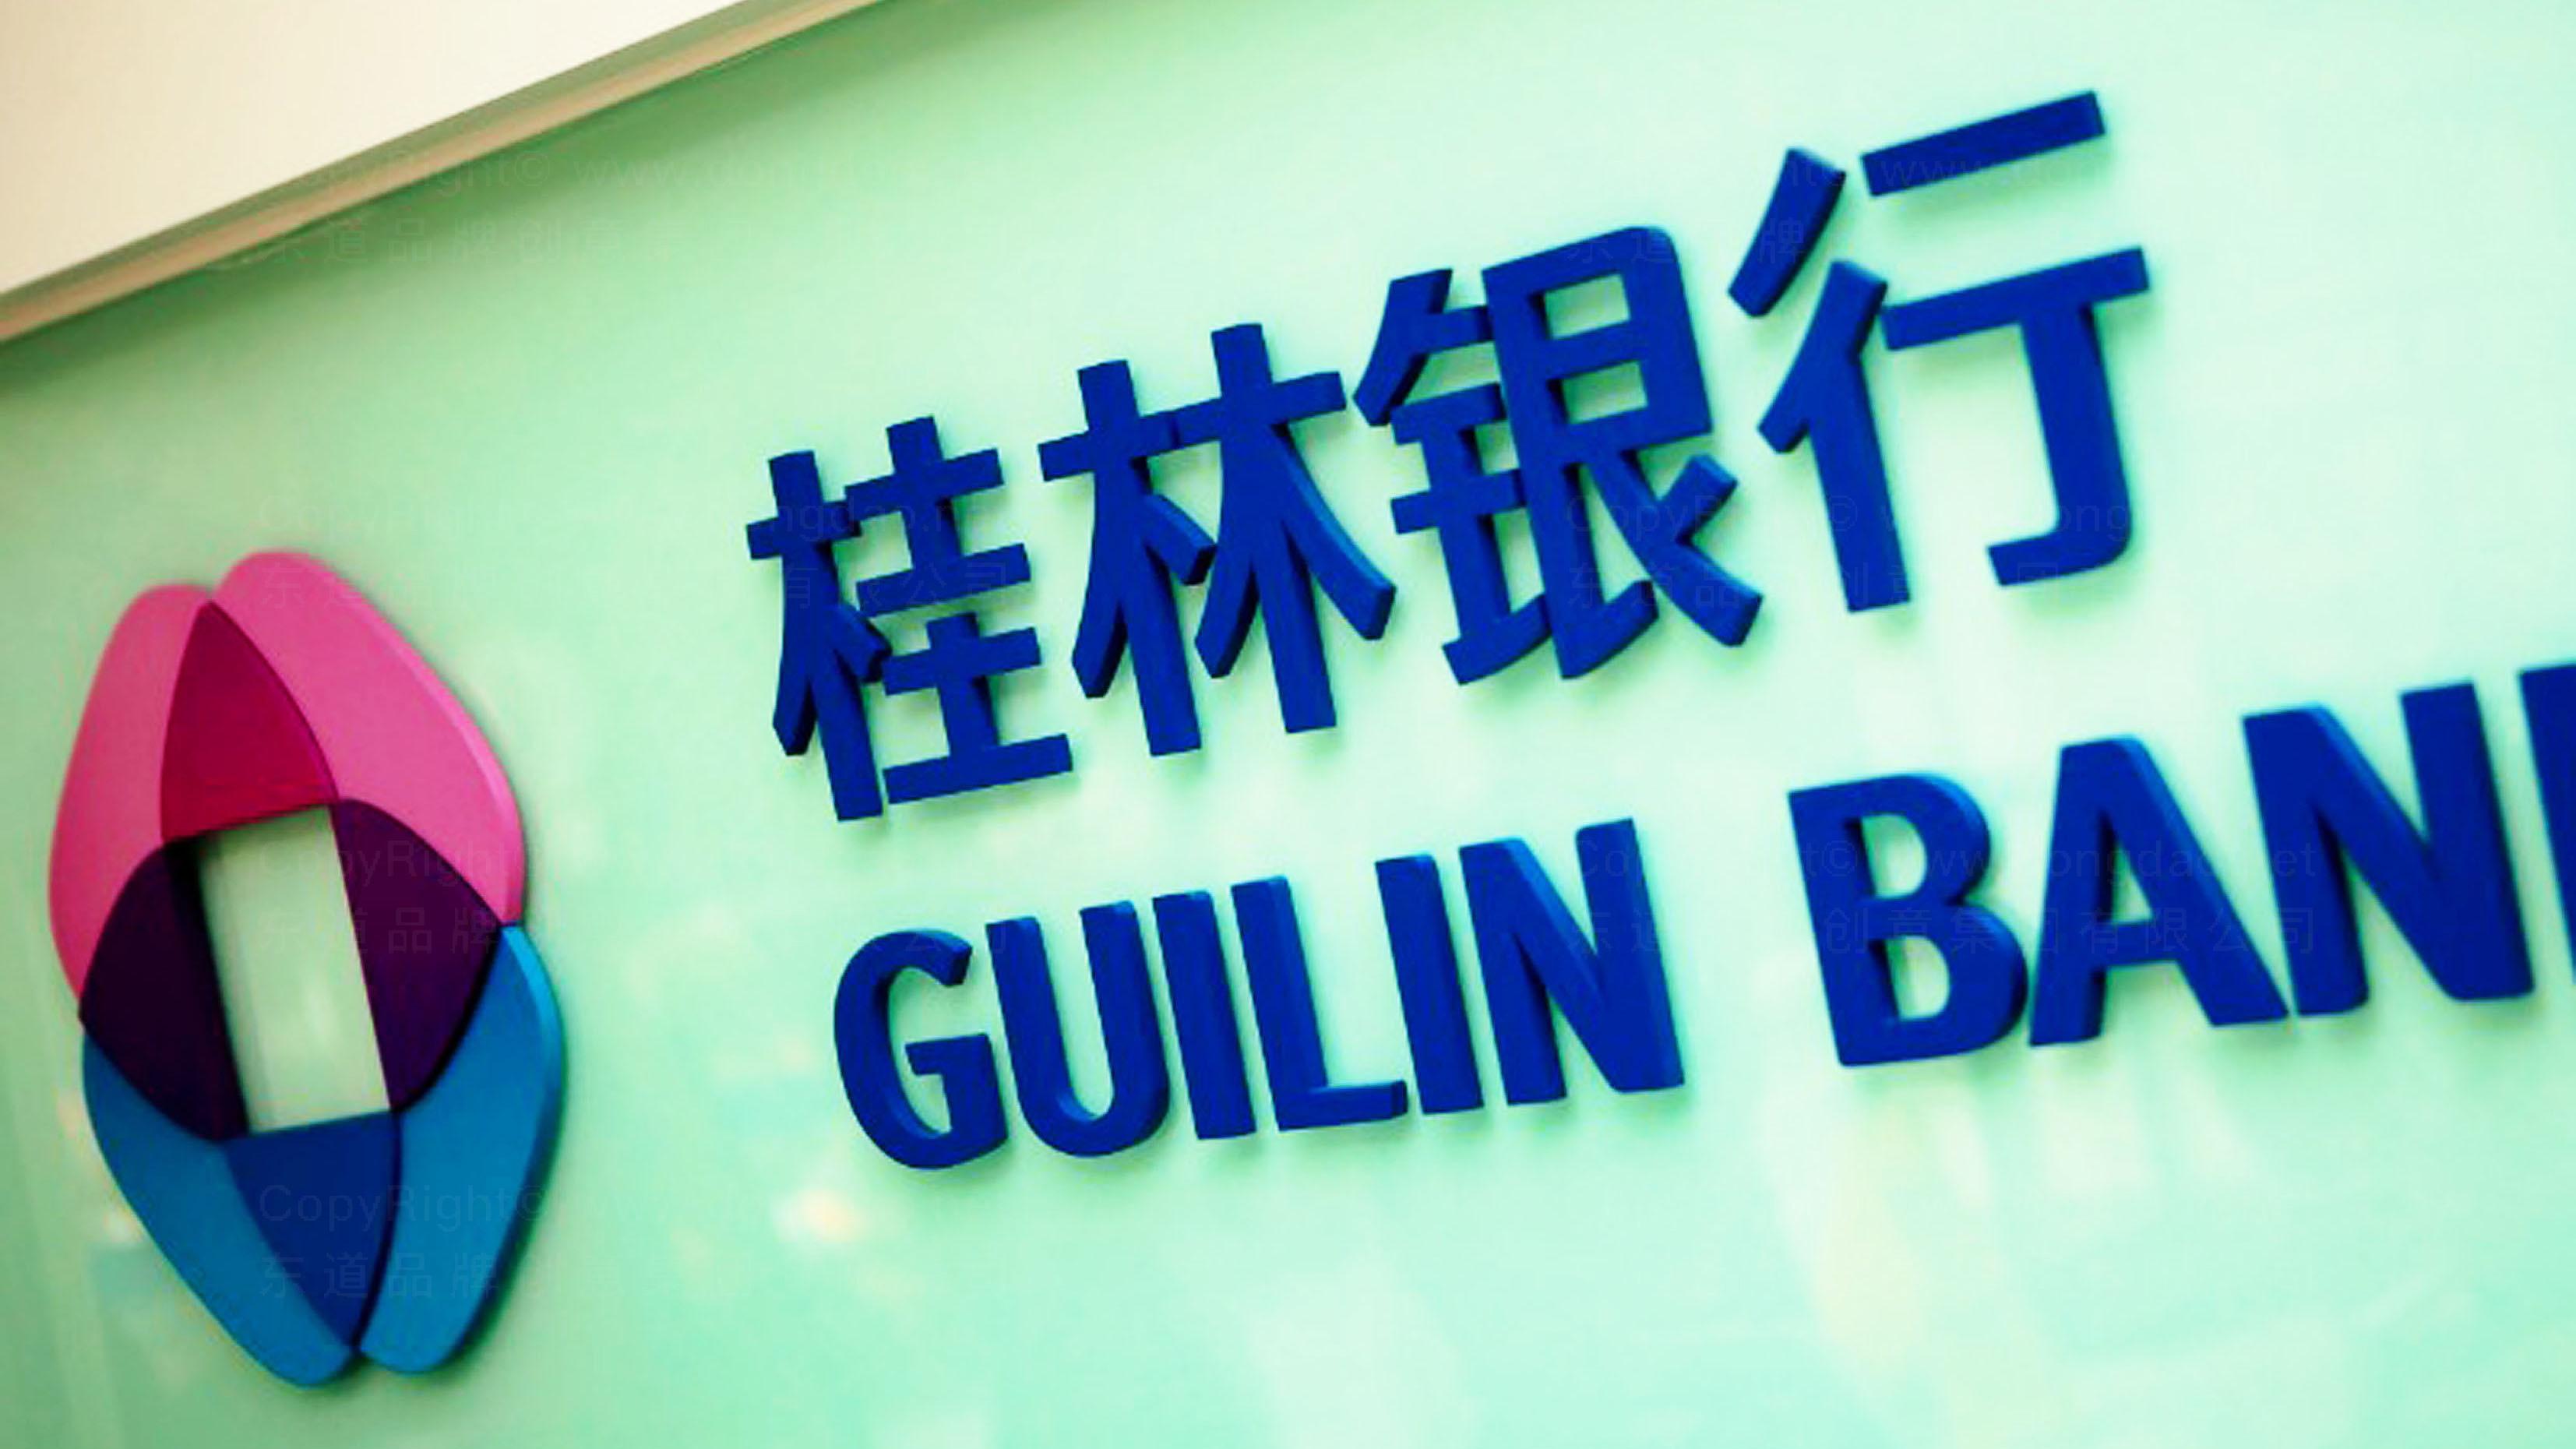 桂林银行装饰工程标识制作设计应用场景_5